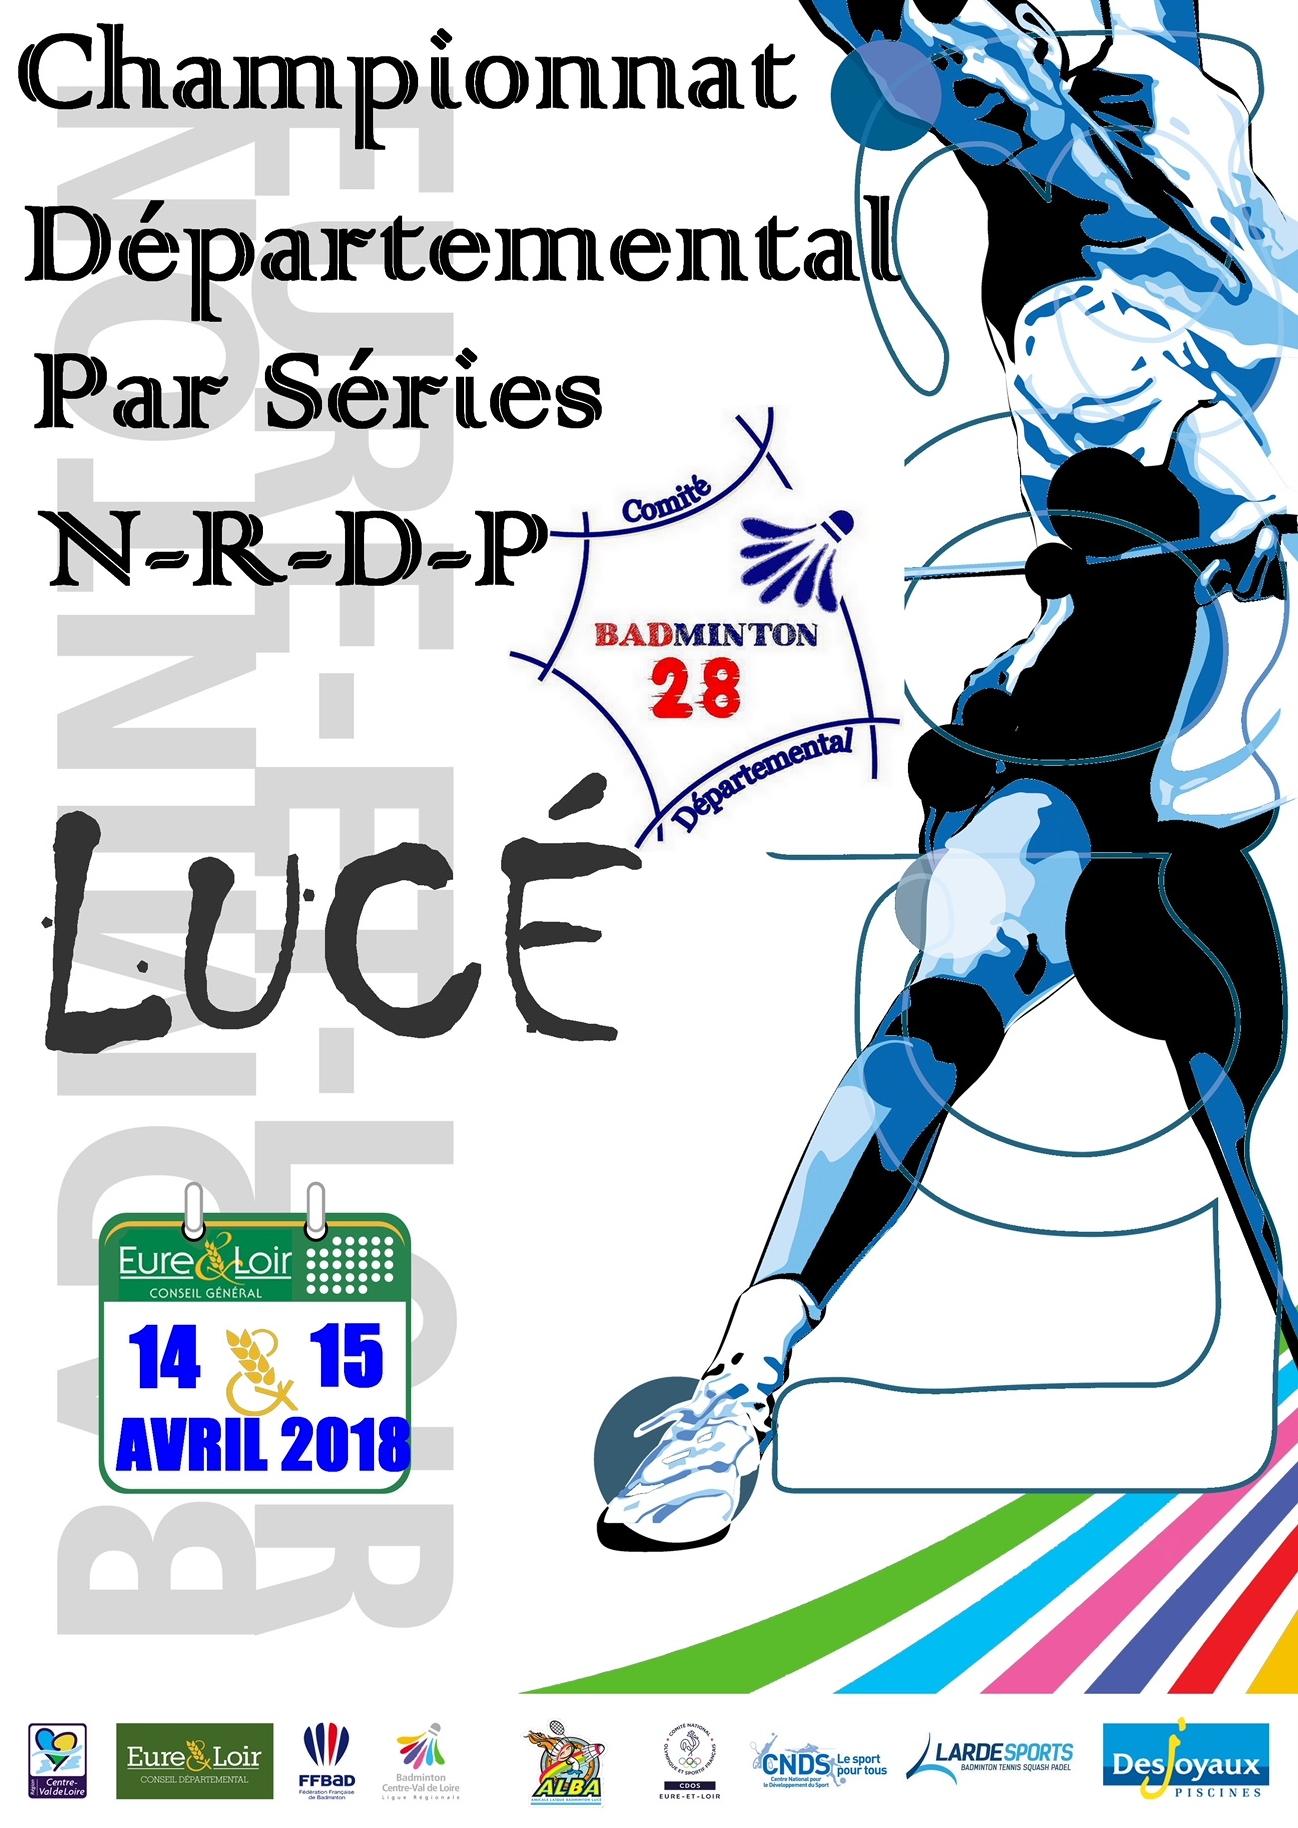 Championat départemental 14-15 avril 2018 LUCE.jpg